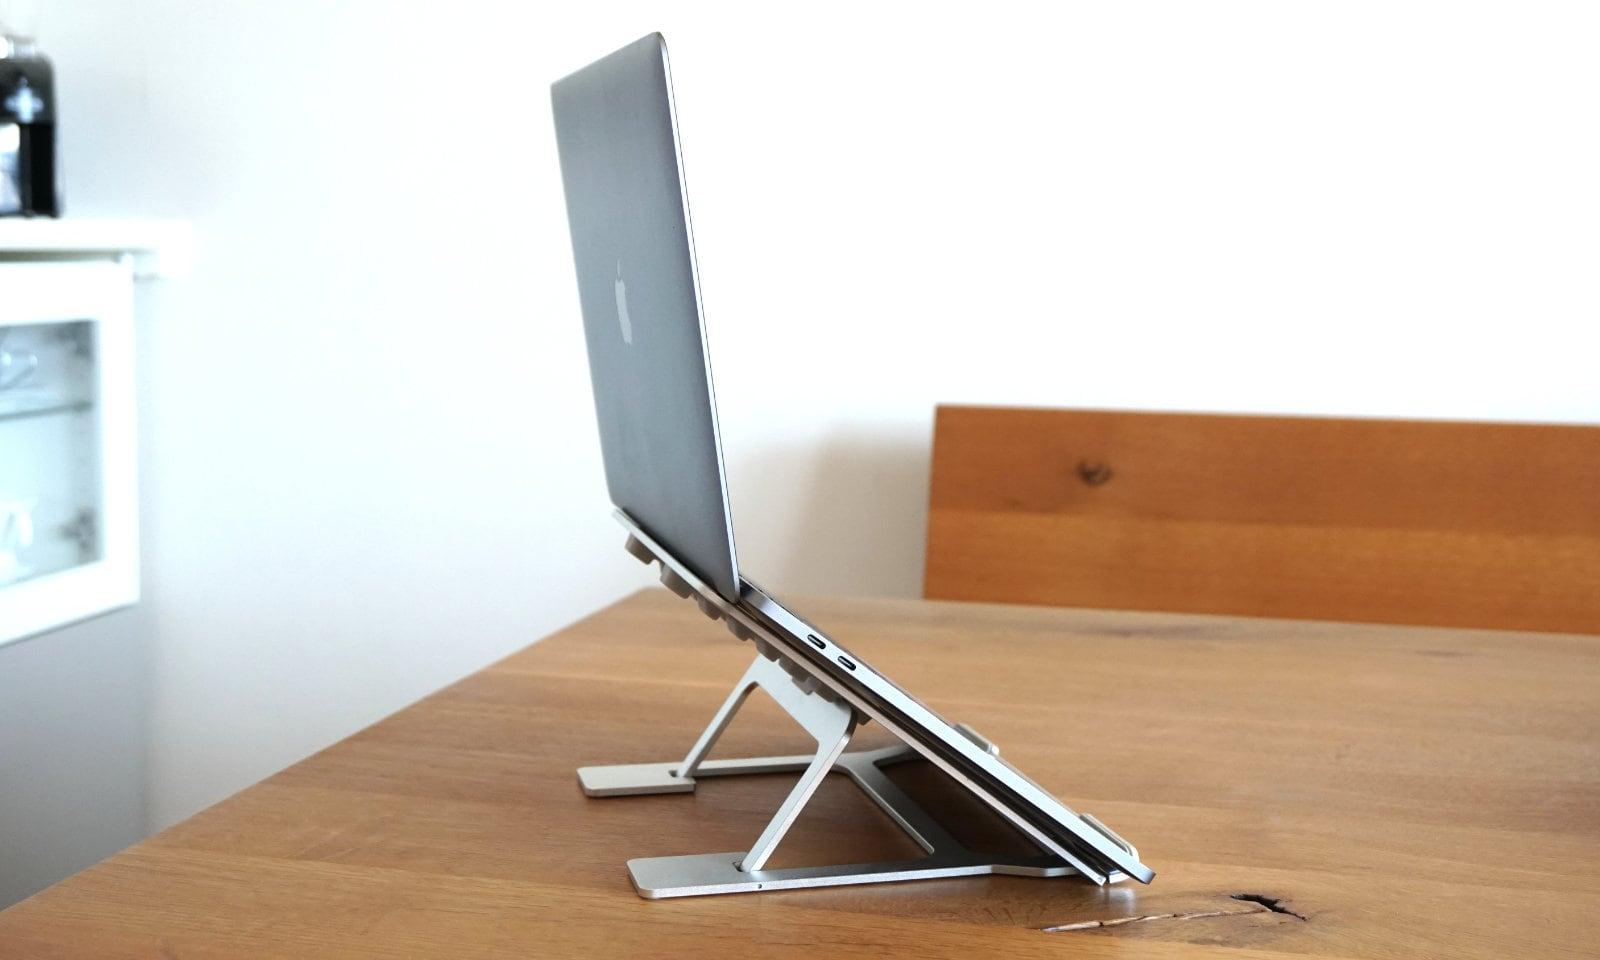 スタンドを一番高くしてMacBook Proを乗せた状態の写真。